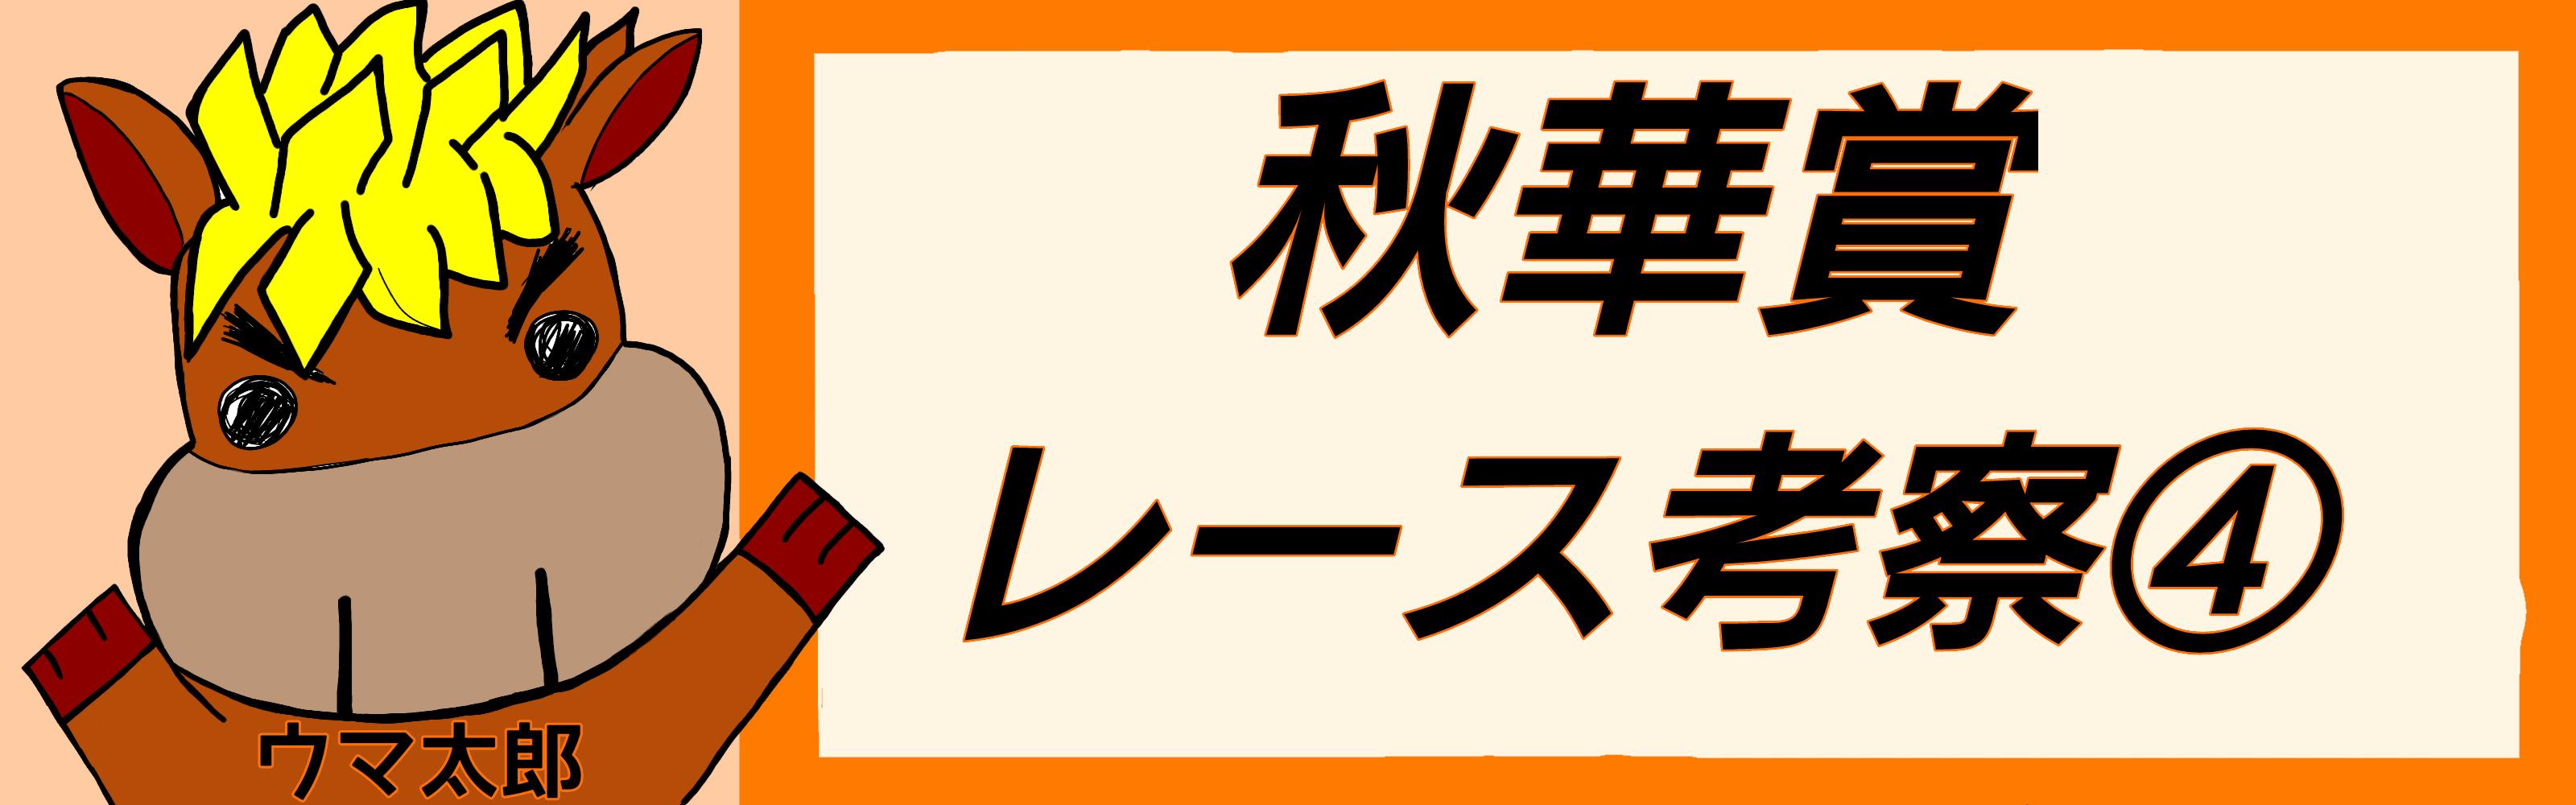 秋華賞 考察